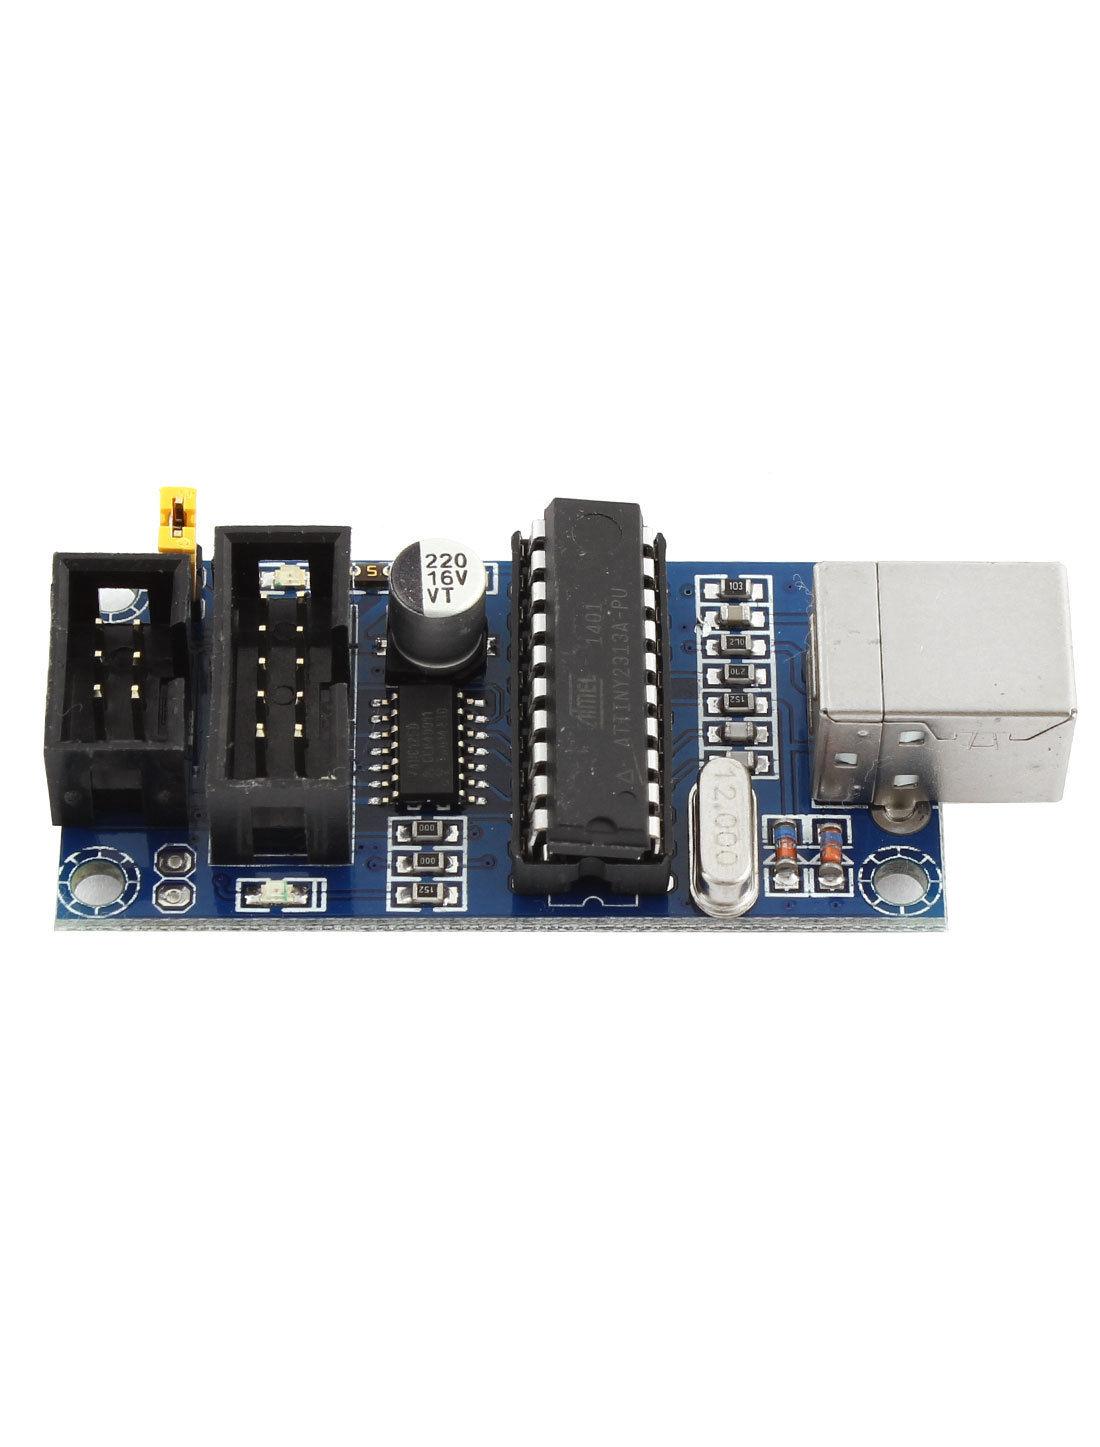 Usbtiny Usbtinyisp Avr Isp Programmer Usb Arduino Bootloader In System Meag2560 Uno R3